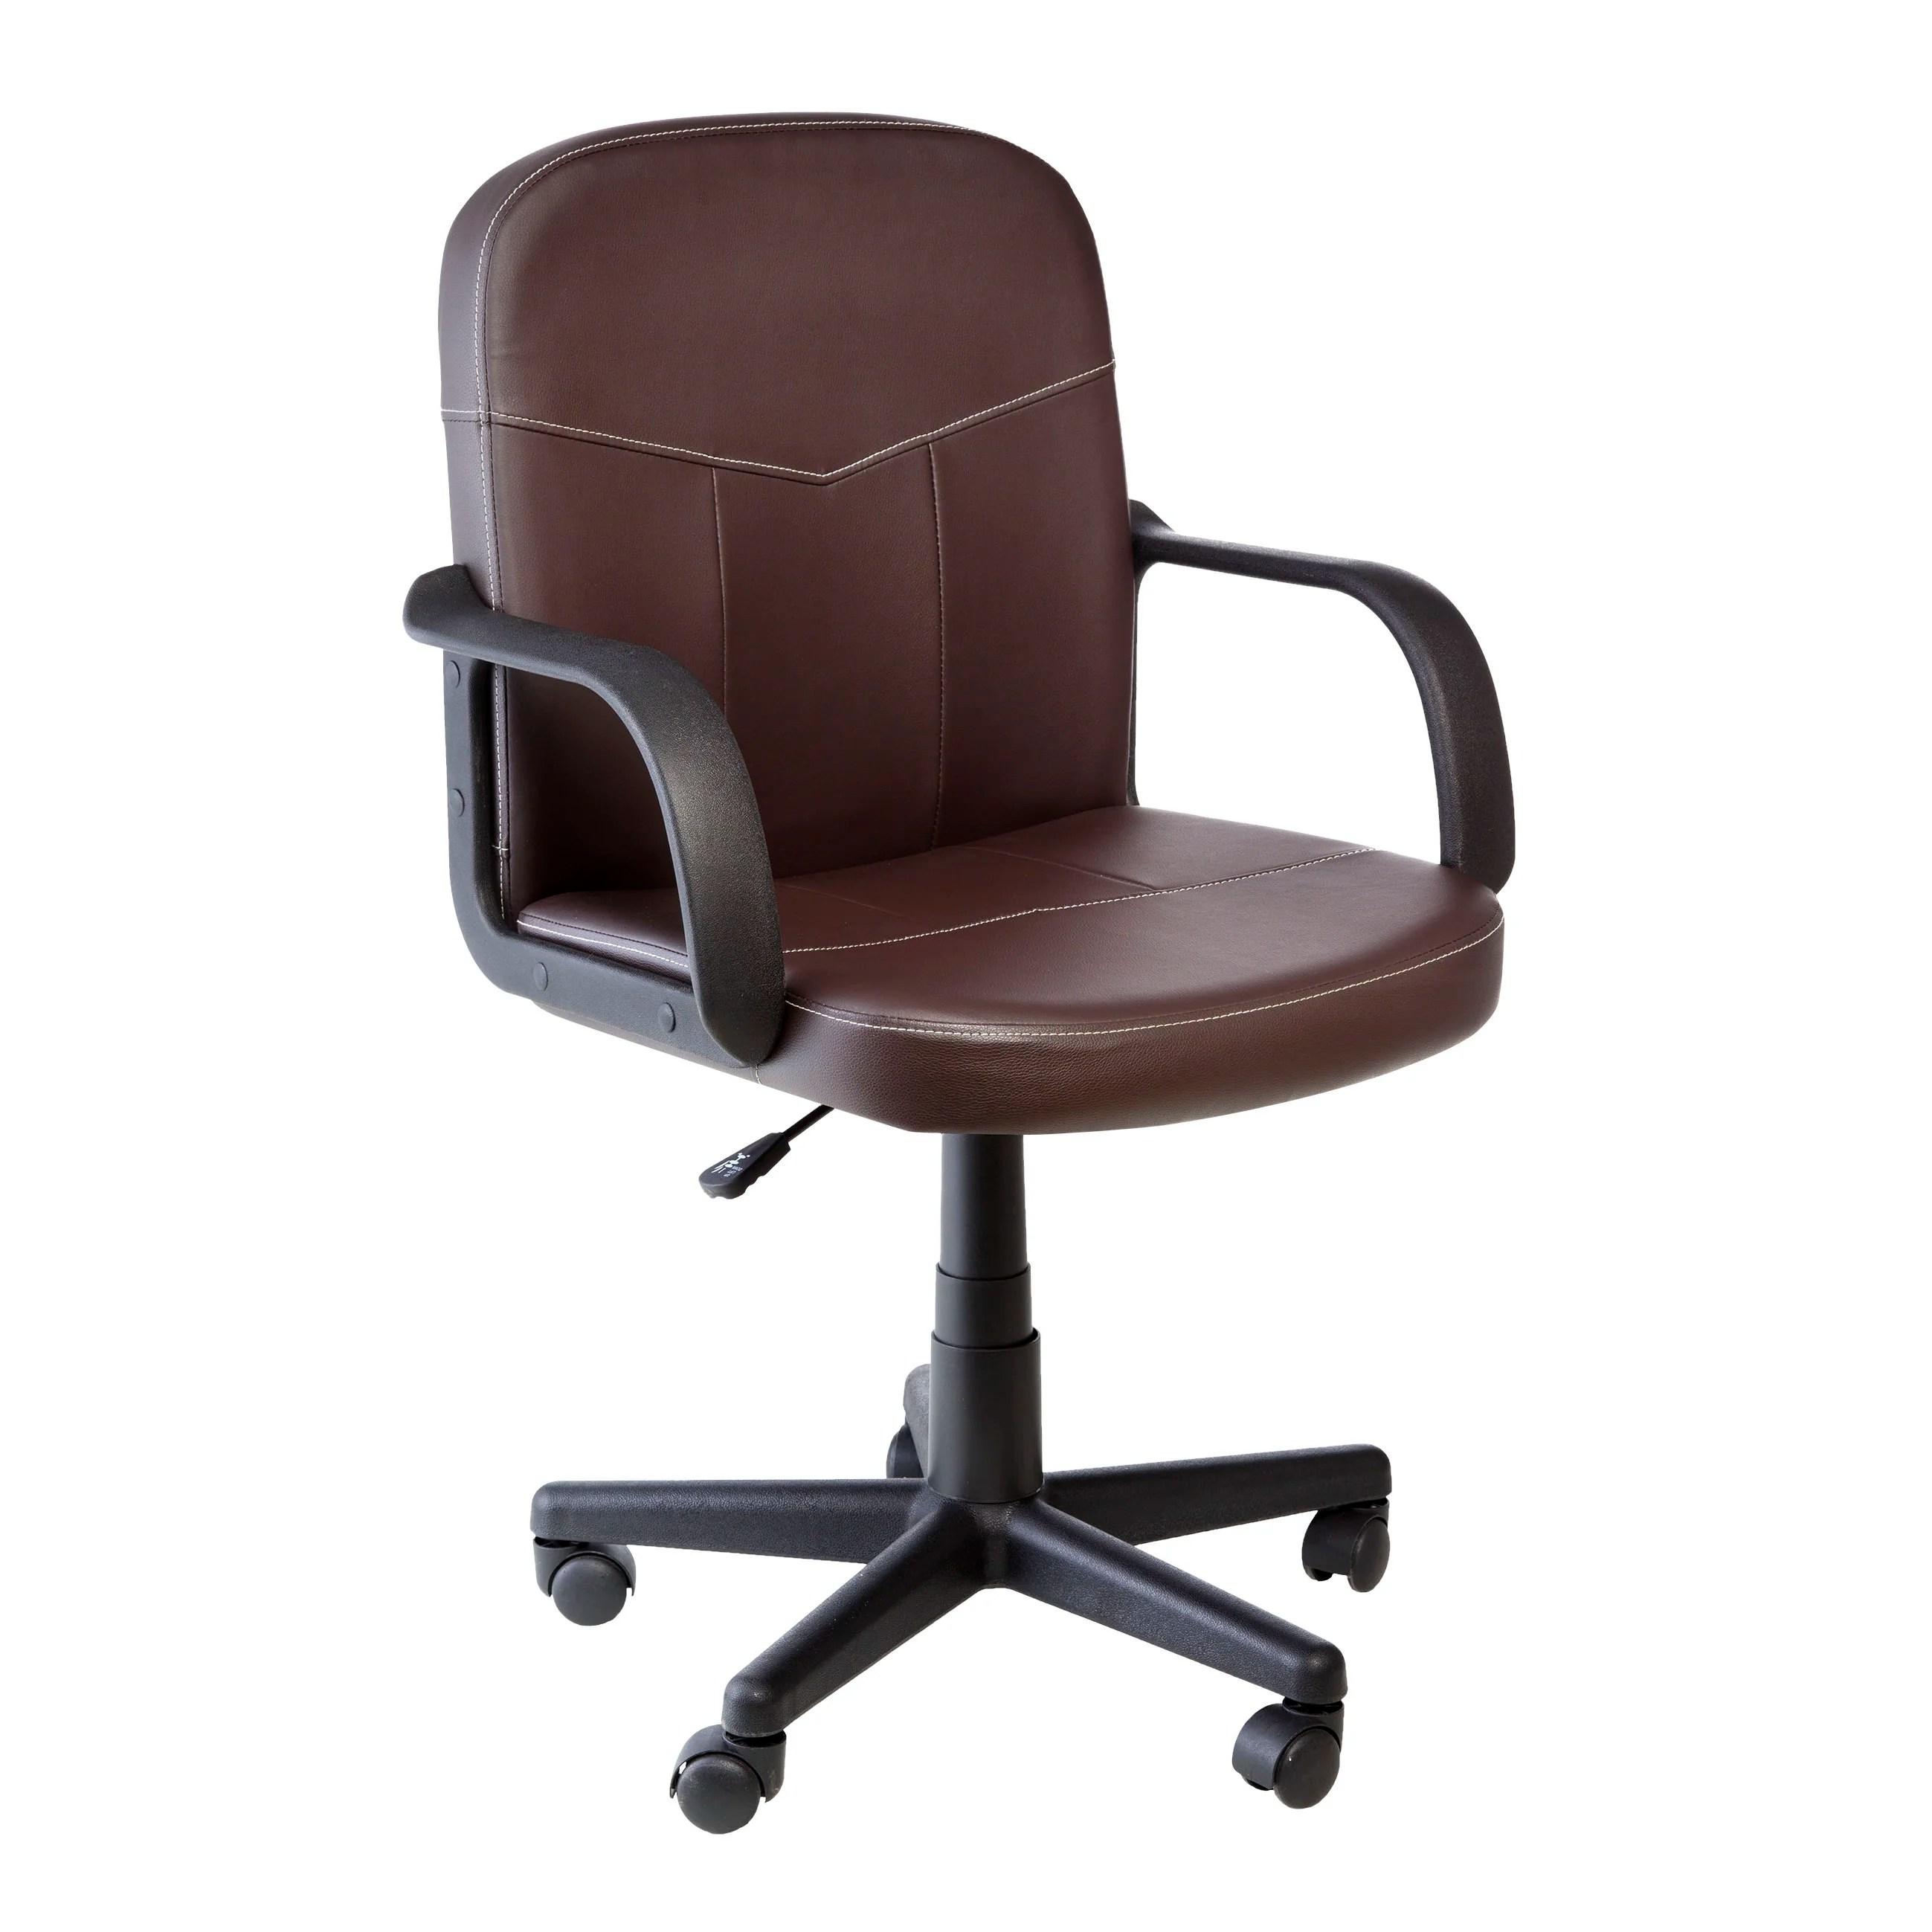 high desk chair office floor mats onespace back wayfair